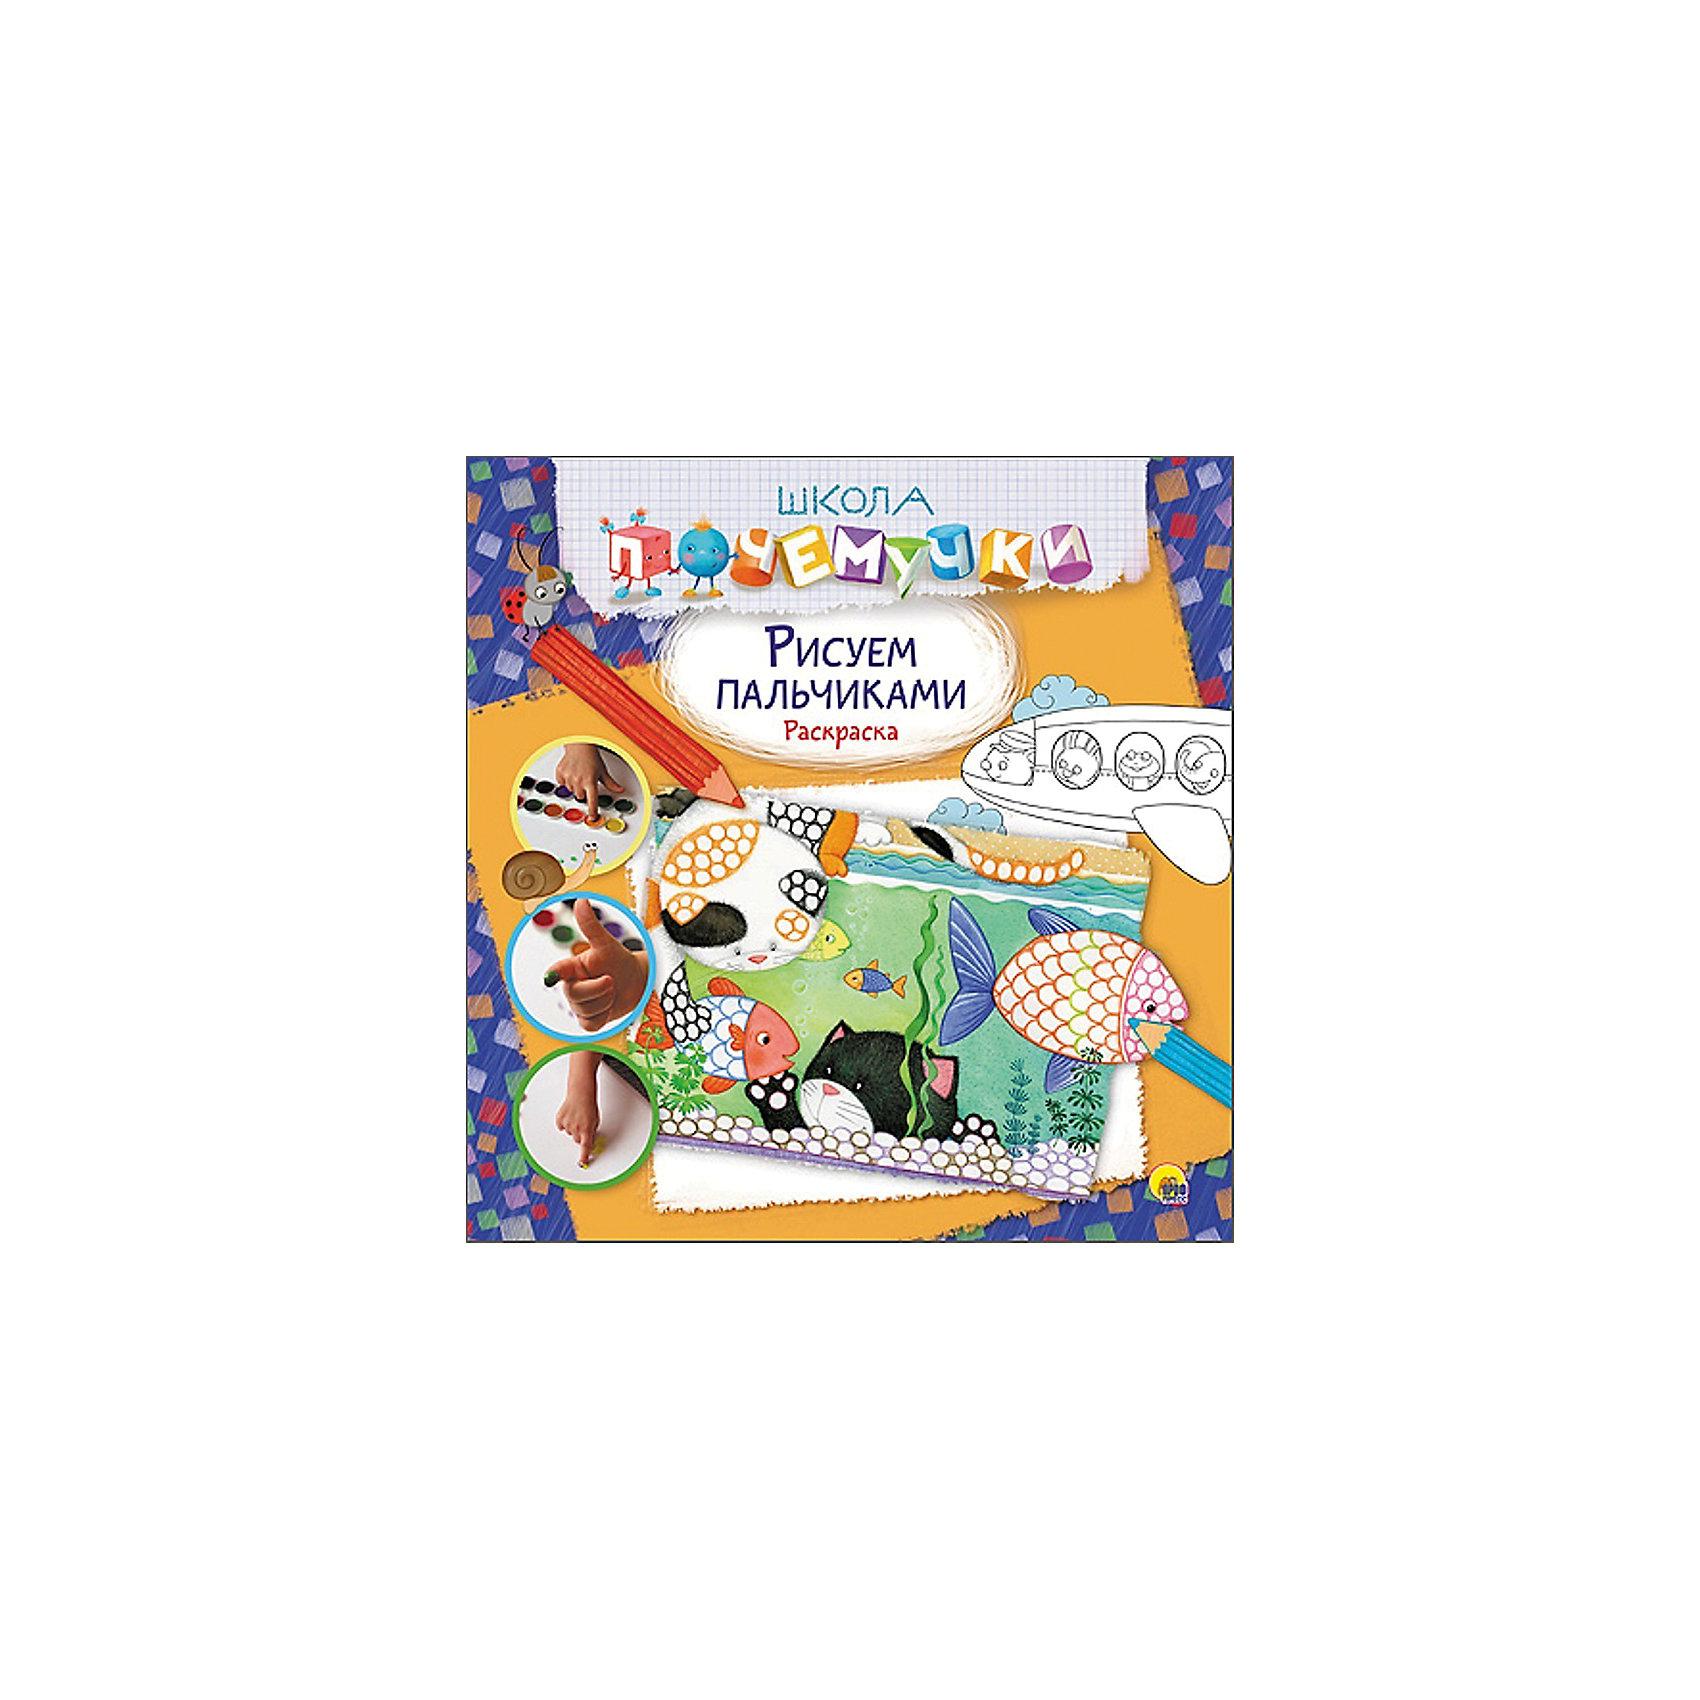 Рисуем пальчиками, Школа почемучкиКнижки с пошаговым руководством, учащие рисовать, помогают детям познавать мир и учиться многим вещам, а также позволяют ребенку весело проводить время. Эти издания стимулируют развитие мелкой моторики, воображения, логики и творческого мышления, помогают формированию художественных навыков в раннем возрасте.<br>Данная книга содержит множество вариантов картинок, которые можно нарисовать малышу, повторяя простые действия! Такое занятие обязательно понравится ребенку и позволит надолго занять непоседу!<br>  <br>Дополнительная информация:<br><br>страниц: 32; <br>размер: 277x278x2 мм;<br>вес: 131 г.<br><br>Книгу Школа почемучки. Рисуем пальчиками от издательства Проф-Пресс можно купить в нашем магазине.<br><br>Ширина мм: 275<br>Глубина мм: 4<br>Высота мм: 280<br>Вес г: 131<br>Возраст от месяцев: 36<br>Возраст до месяцев: 120<br>Пол: Унисекс<br>Возраст: Детский<br>SKU: 4787227